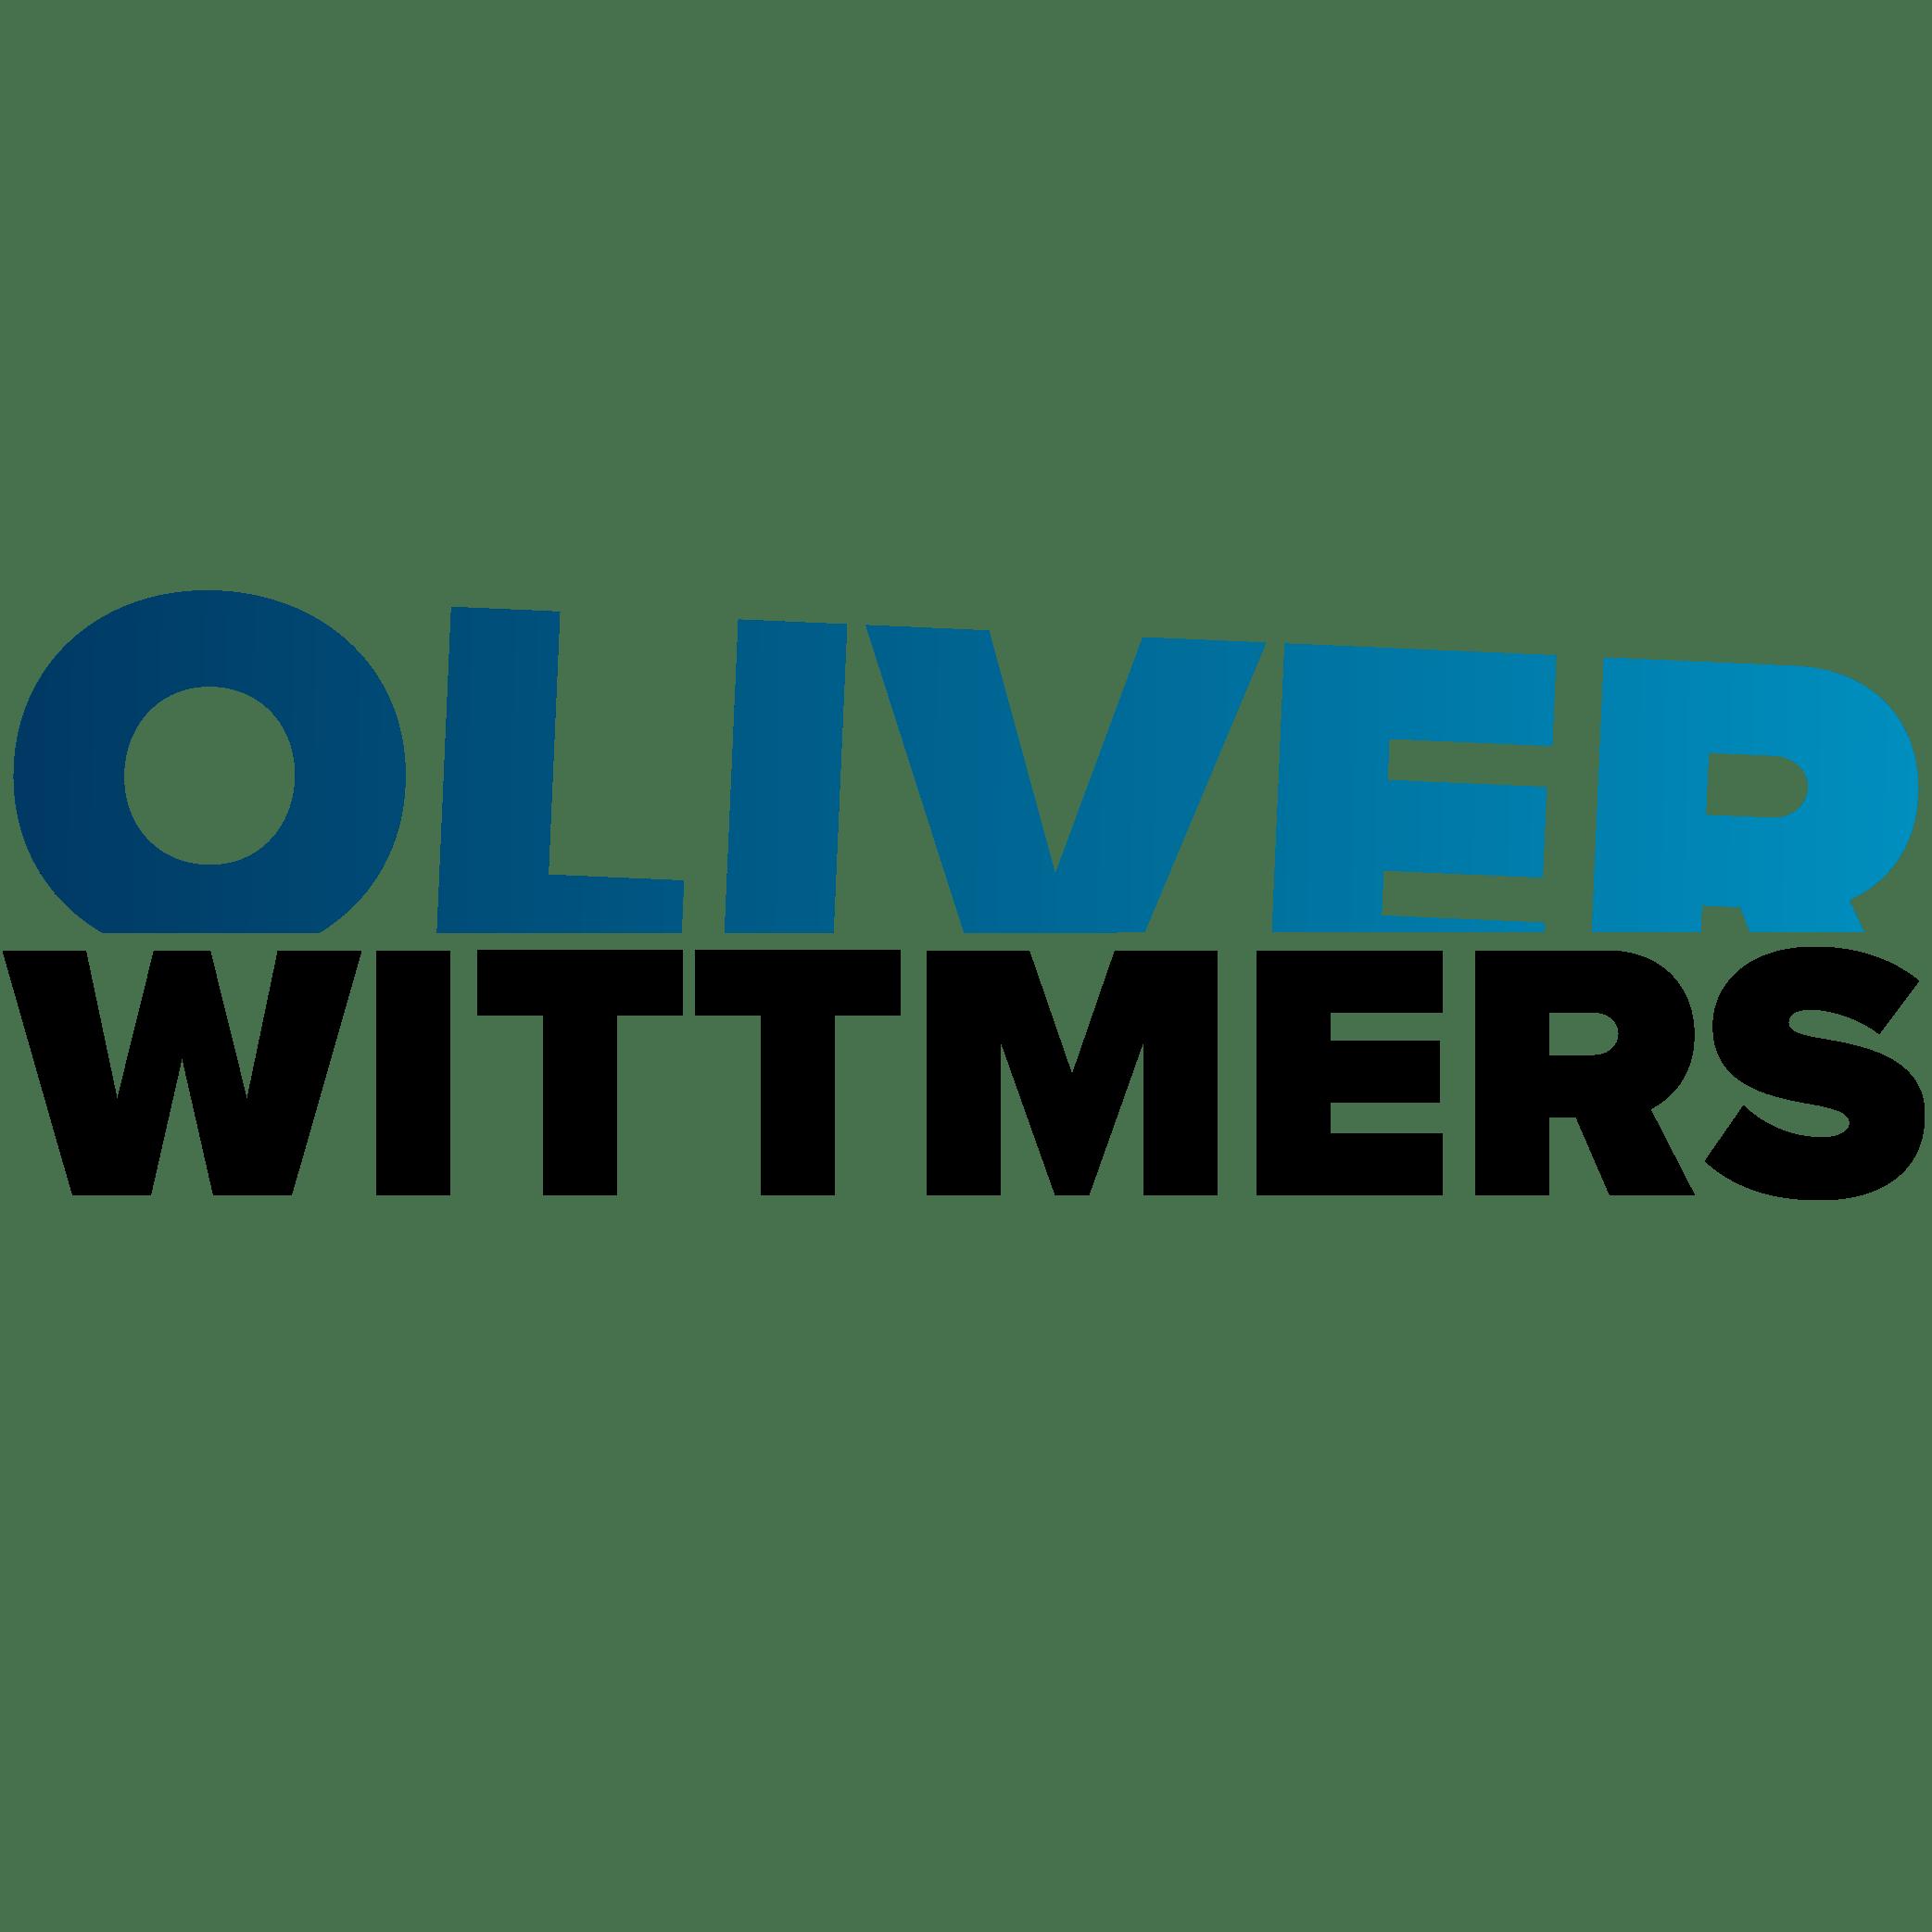 Oliver Wittmers | Athlete / Designer